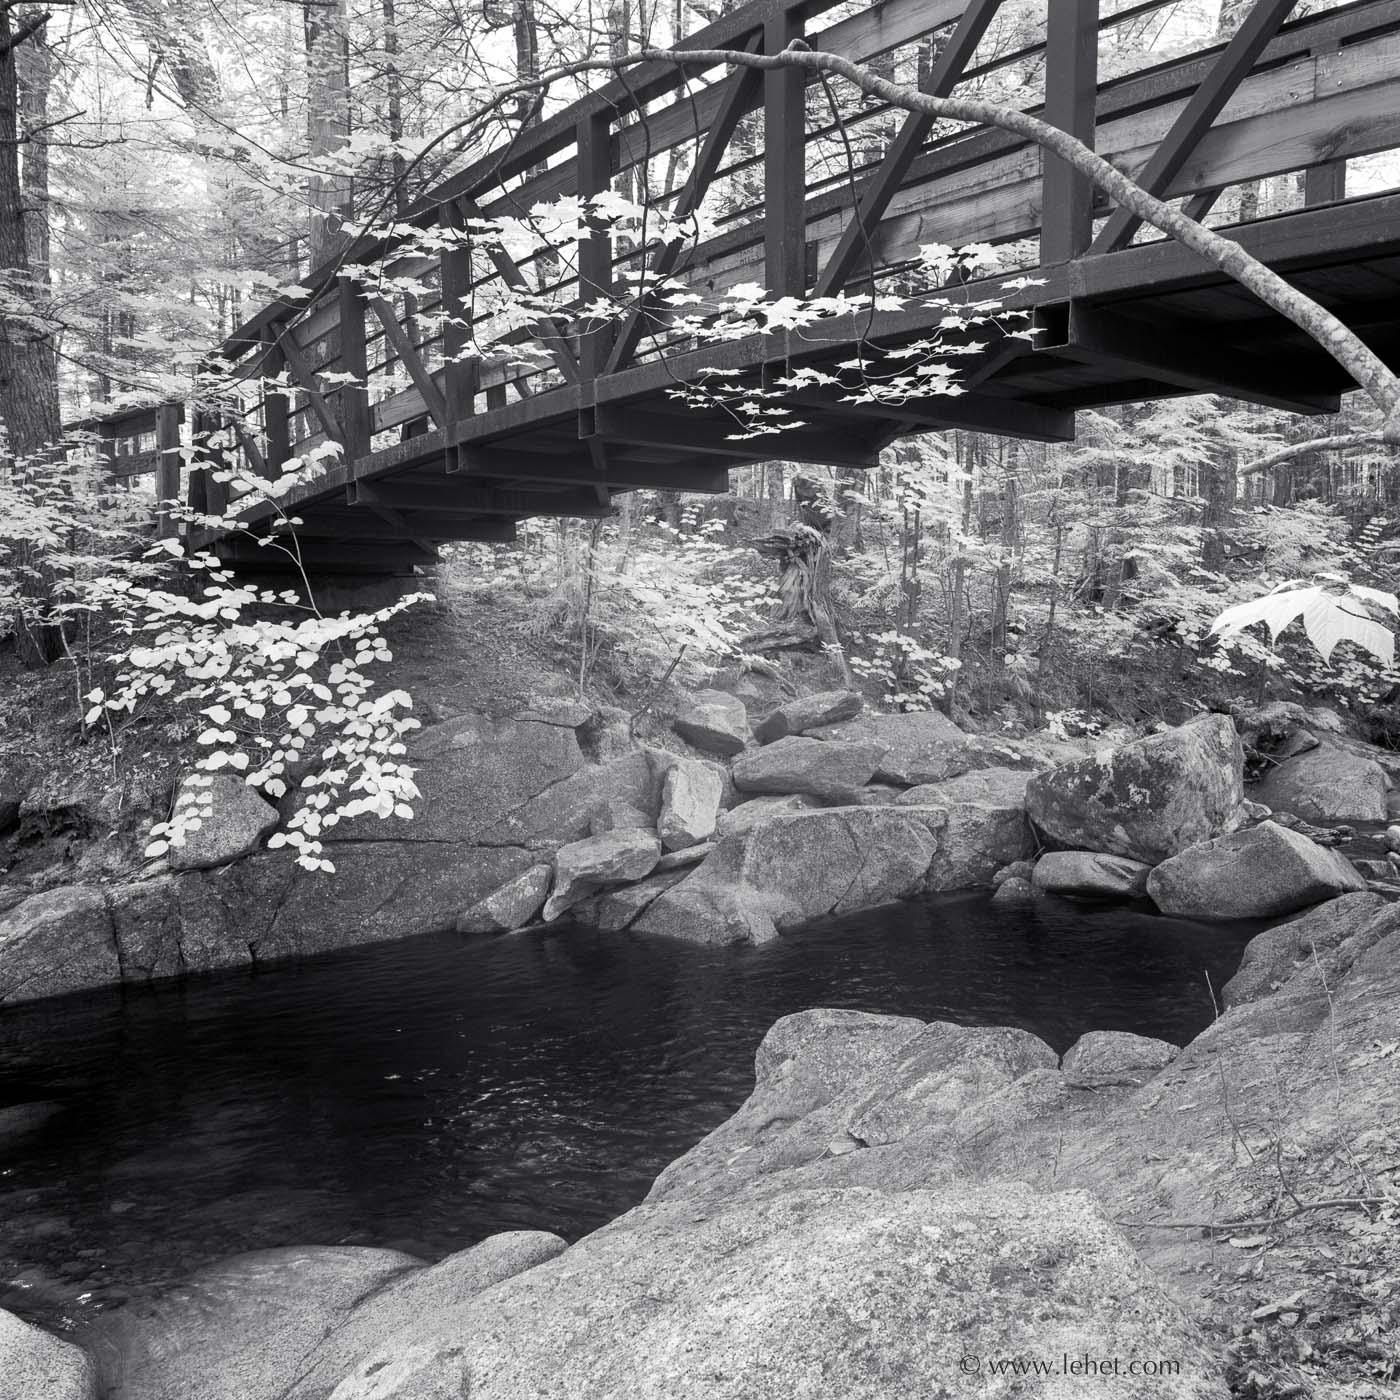 Foot Bridge in White Mountains, Black and White Photo